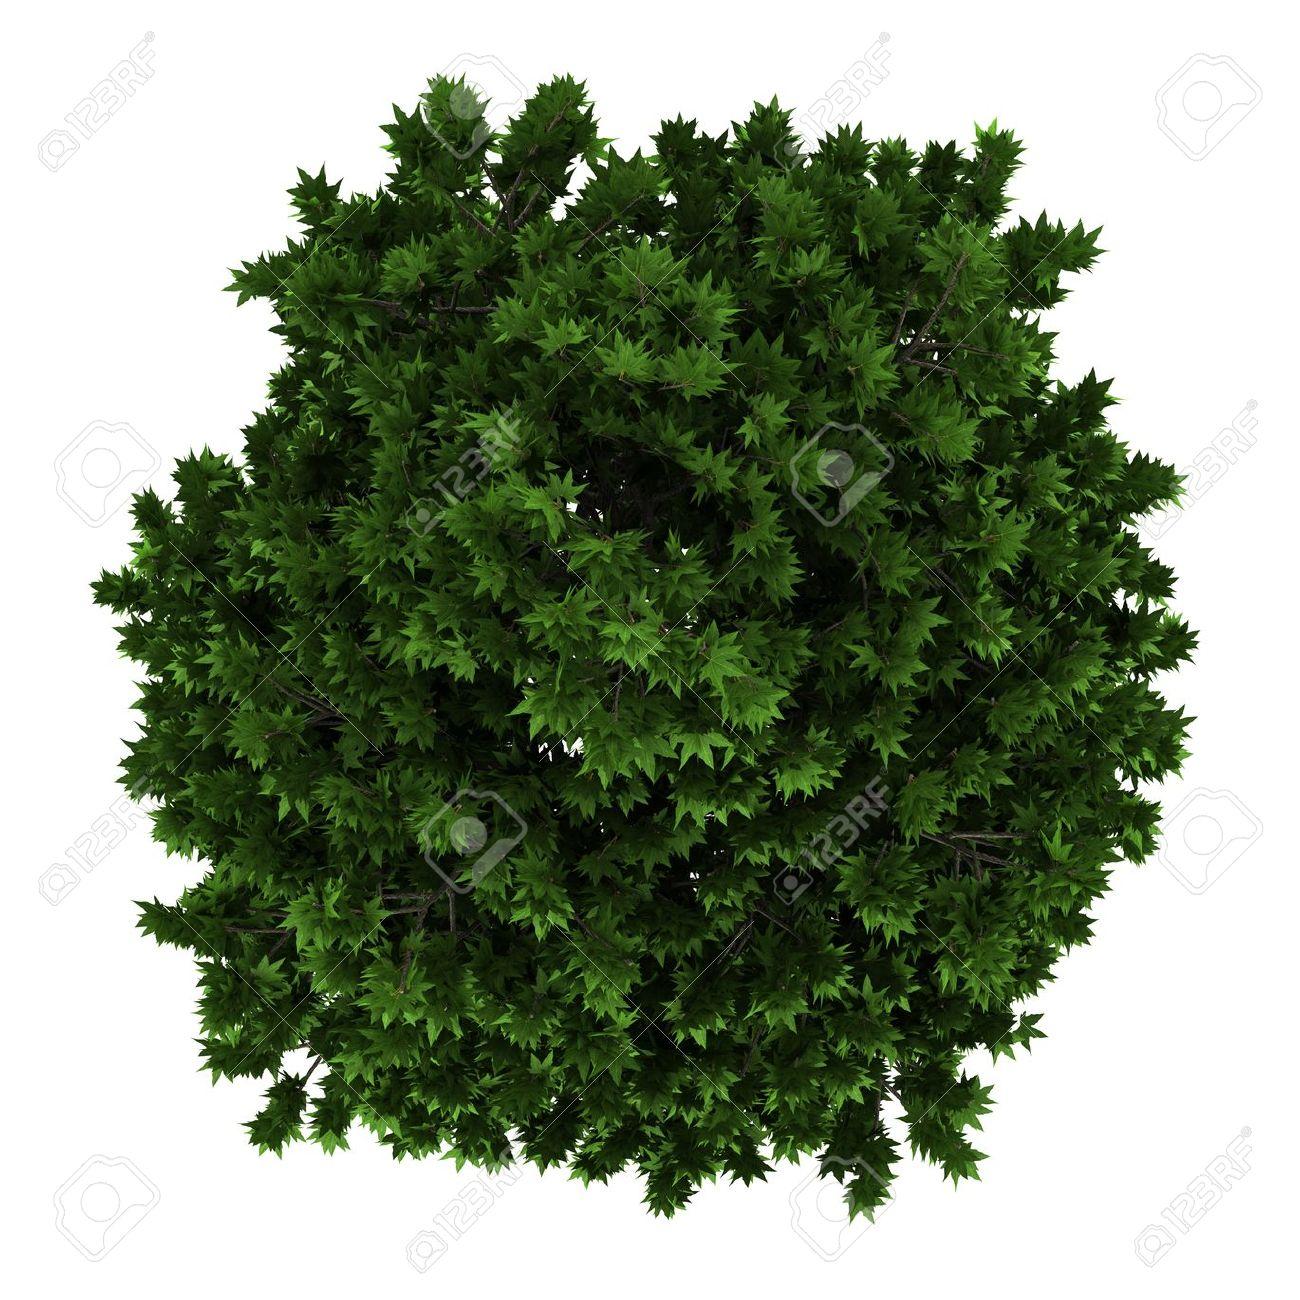 vue de dessus d'arbre platane isolé sur fond blanc banque d'images